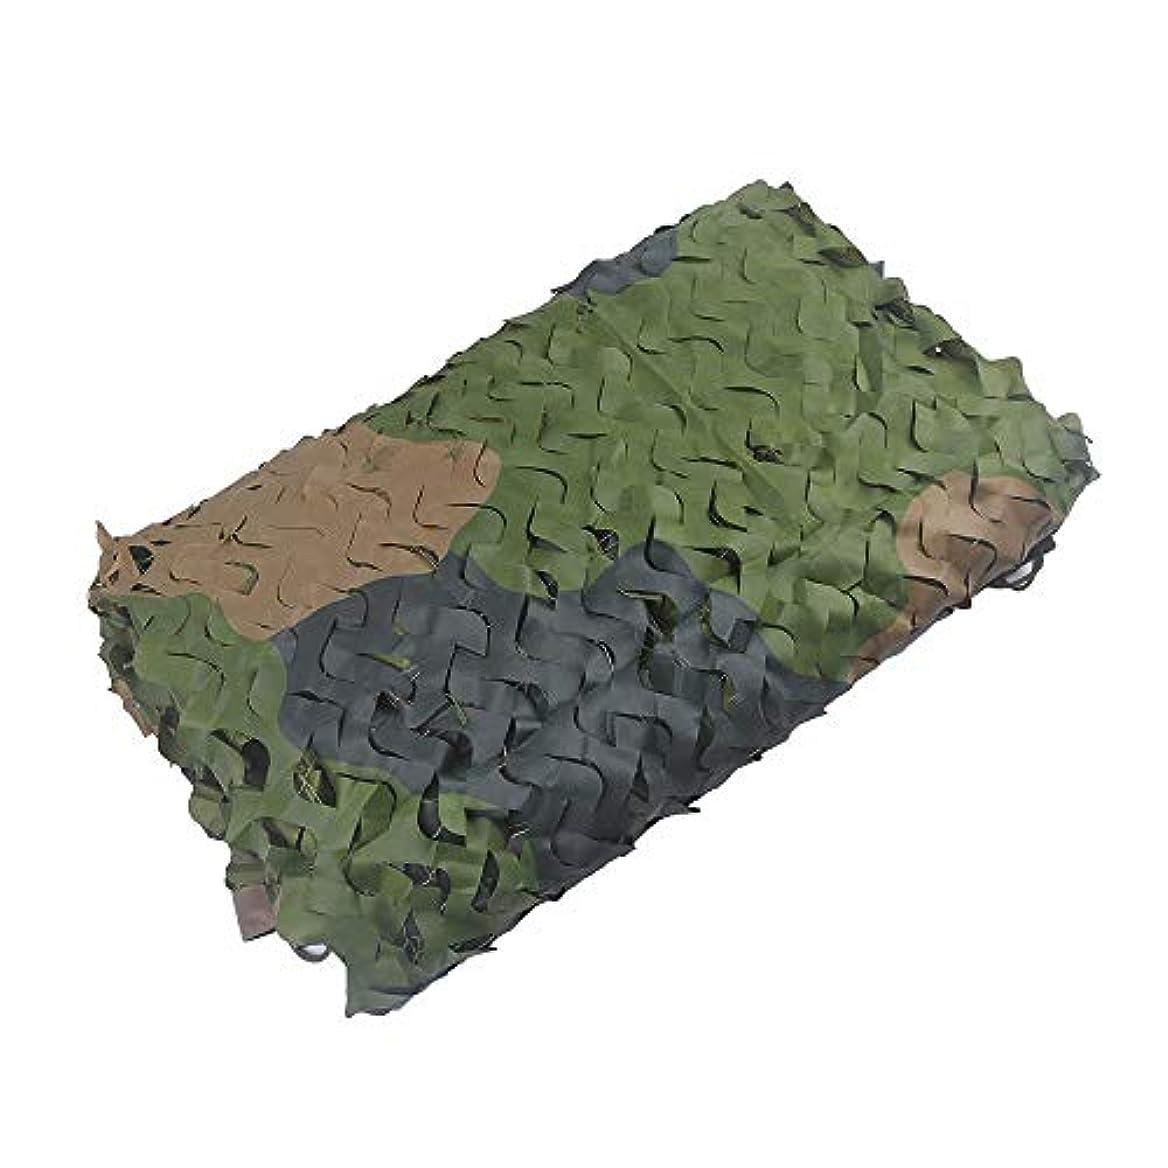 関数ジェームズダイソン評論家オーニングターポリン 日焼け止遮光ネット 迷彩日除け日焼け止めメッシュ日焼け止めテント、写真装飾ガーデンに適して、複数のサイズ利用可能、森 利用できる多数のサイズ (Size : 4*4M)